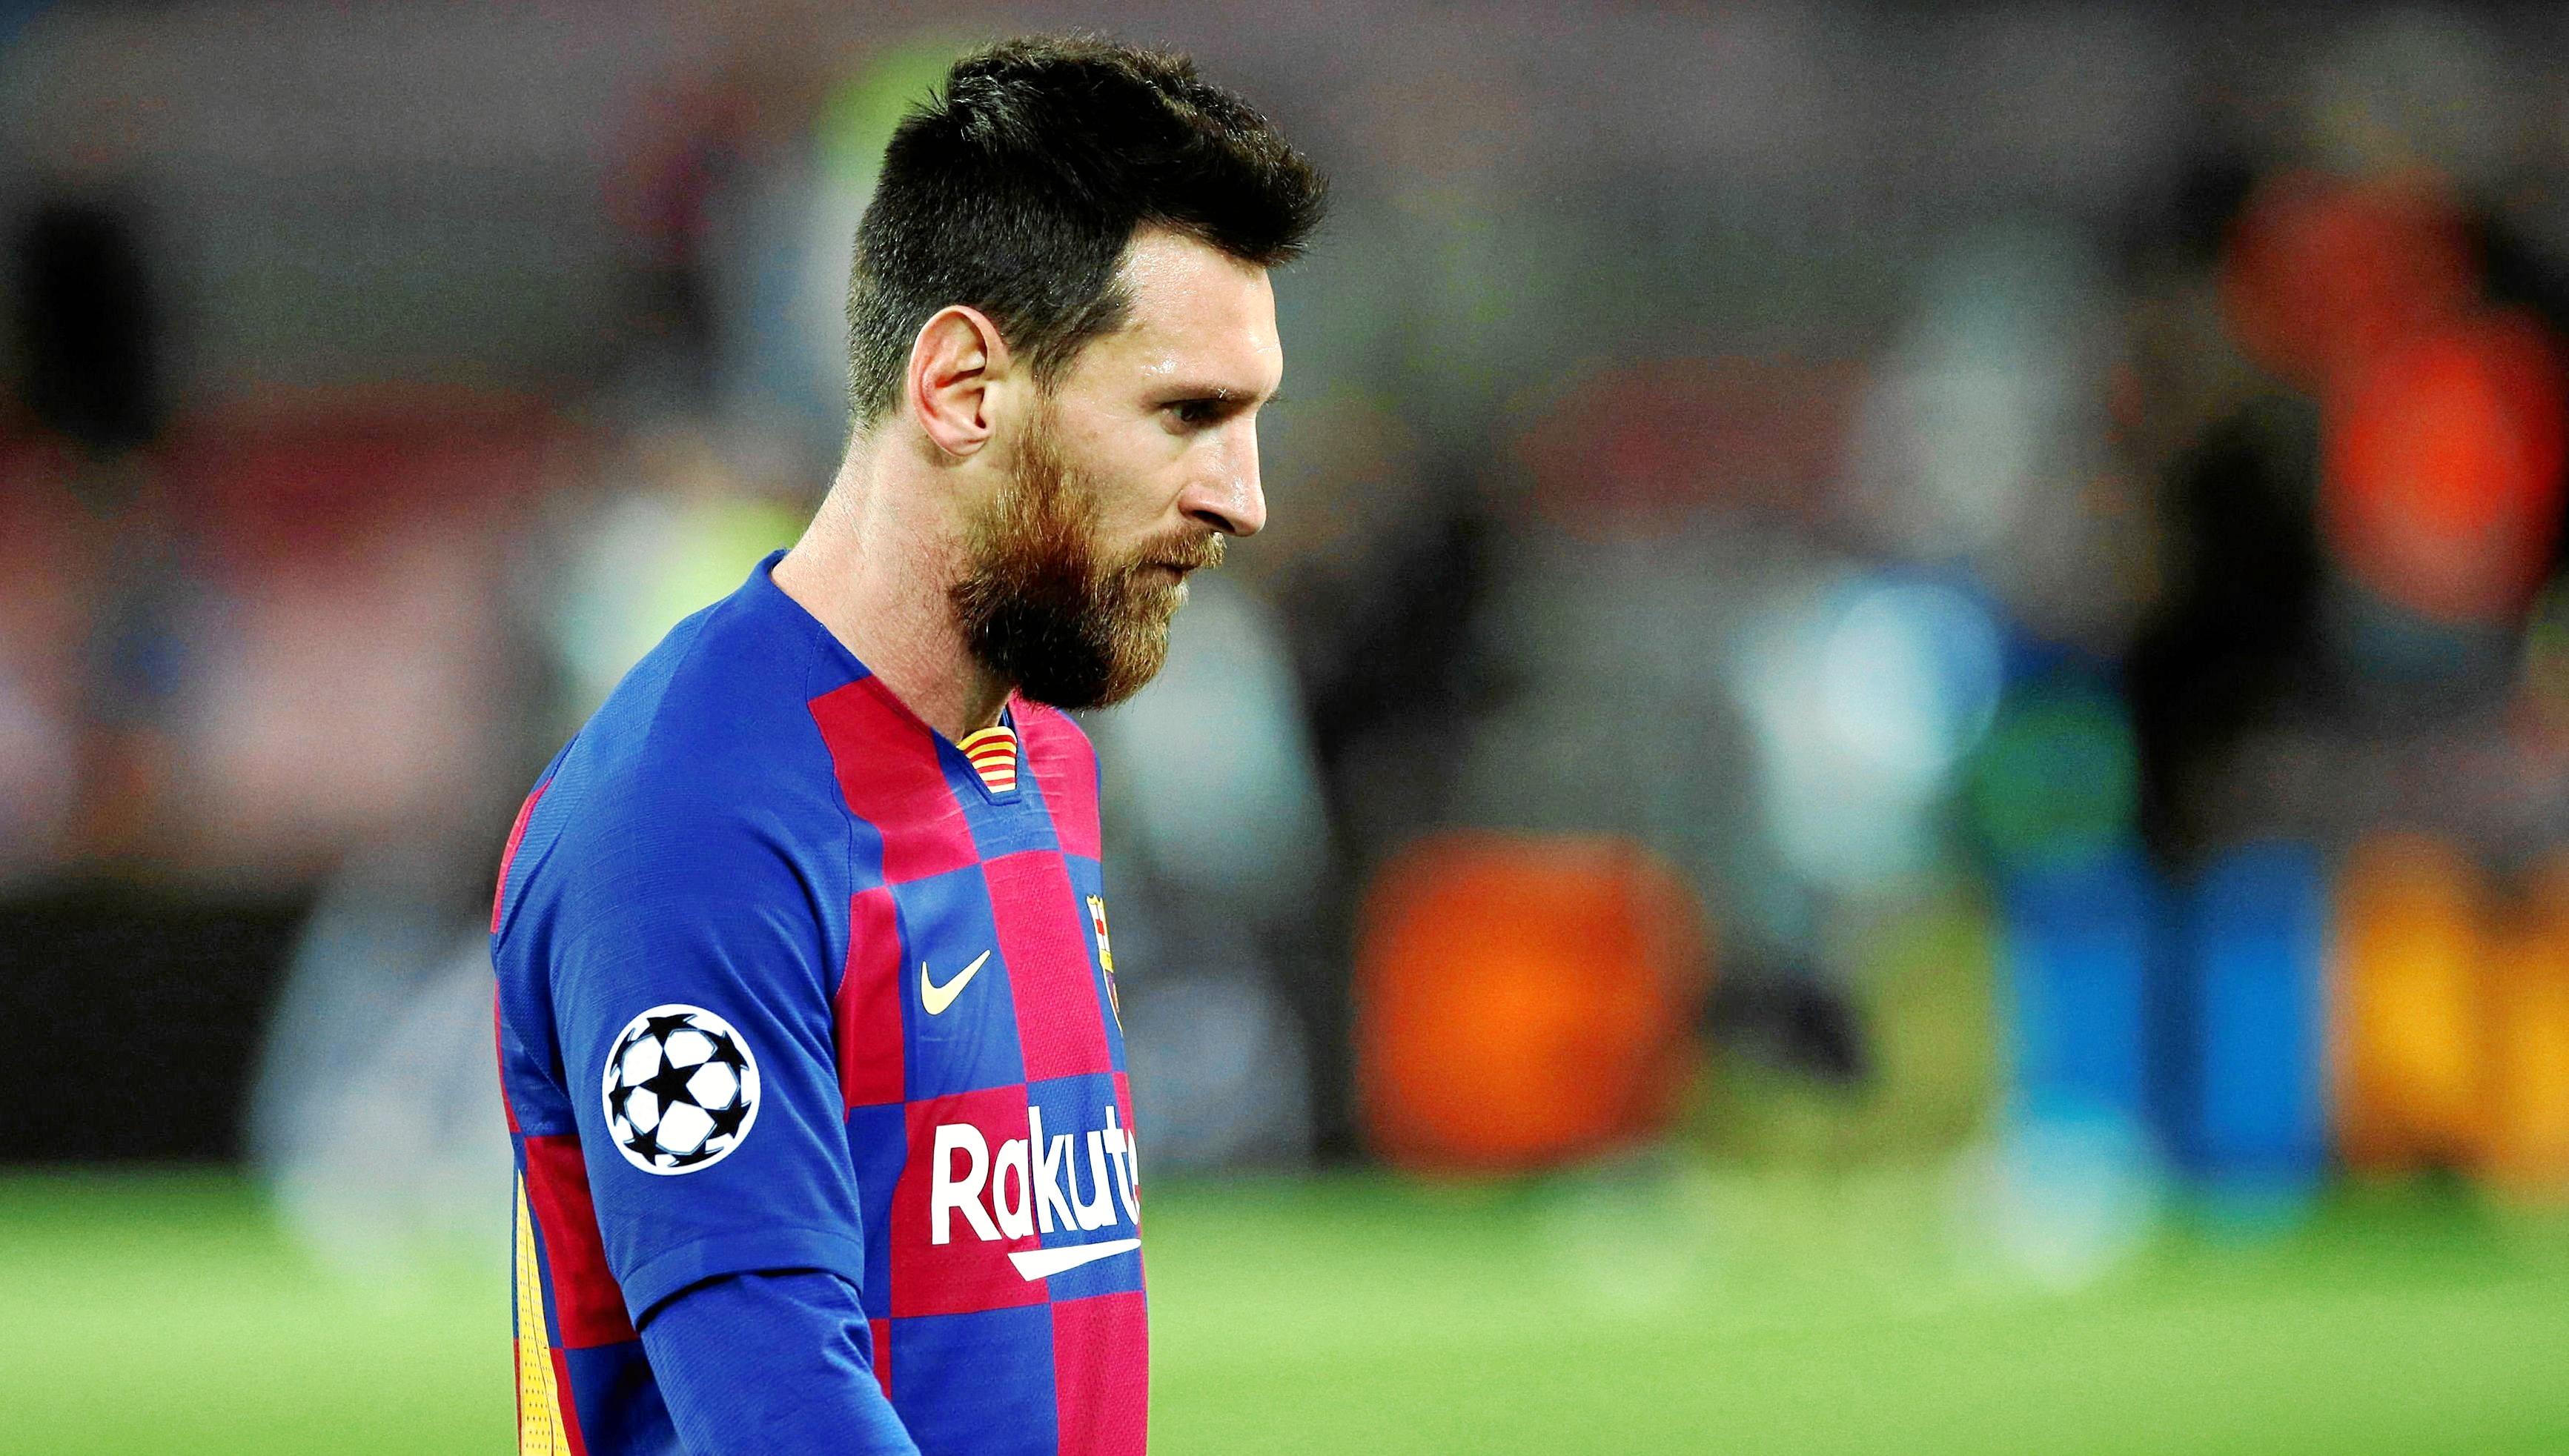 El Chiringuito de Pedrerol: Hay que evitar que se enfade Messi